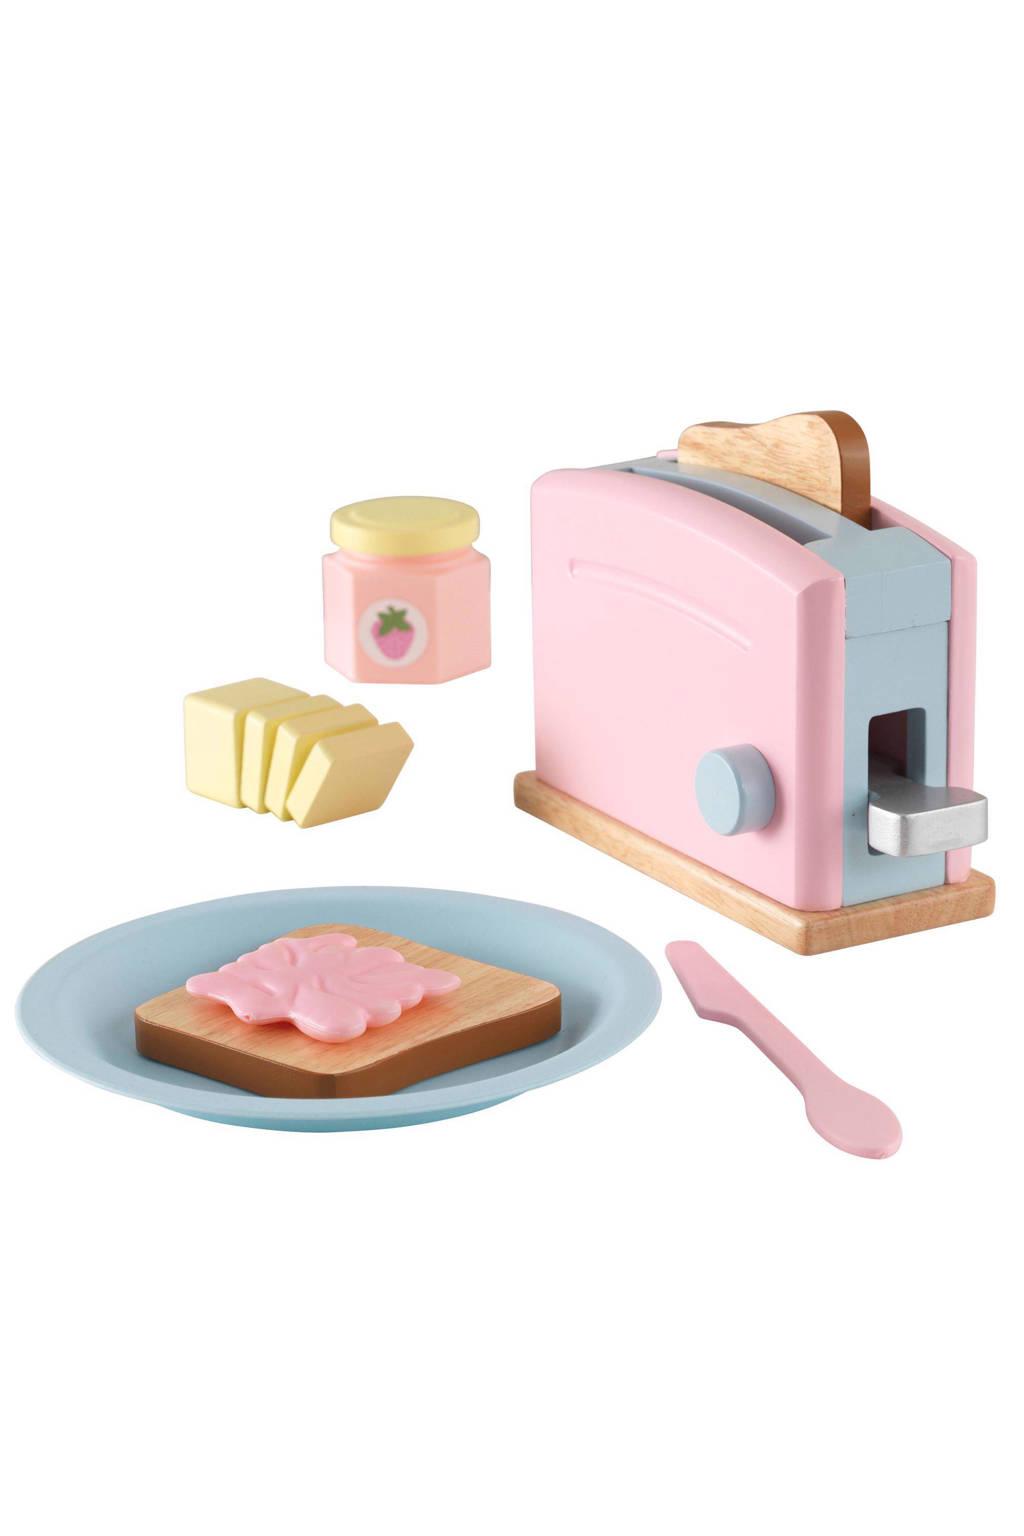 KidKraft houten broodroosterset - roze, Roze